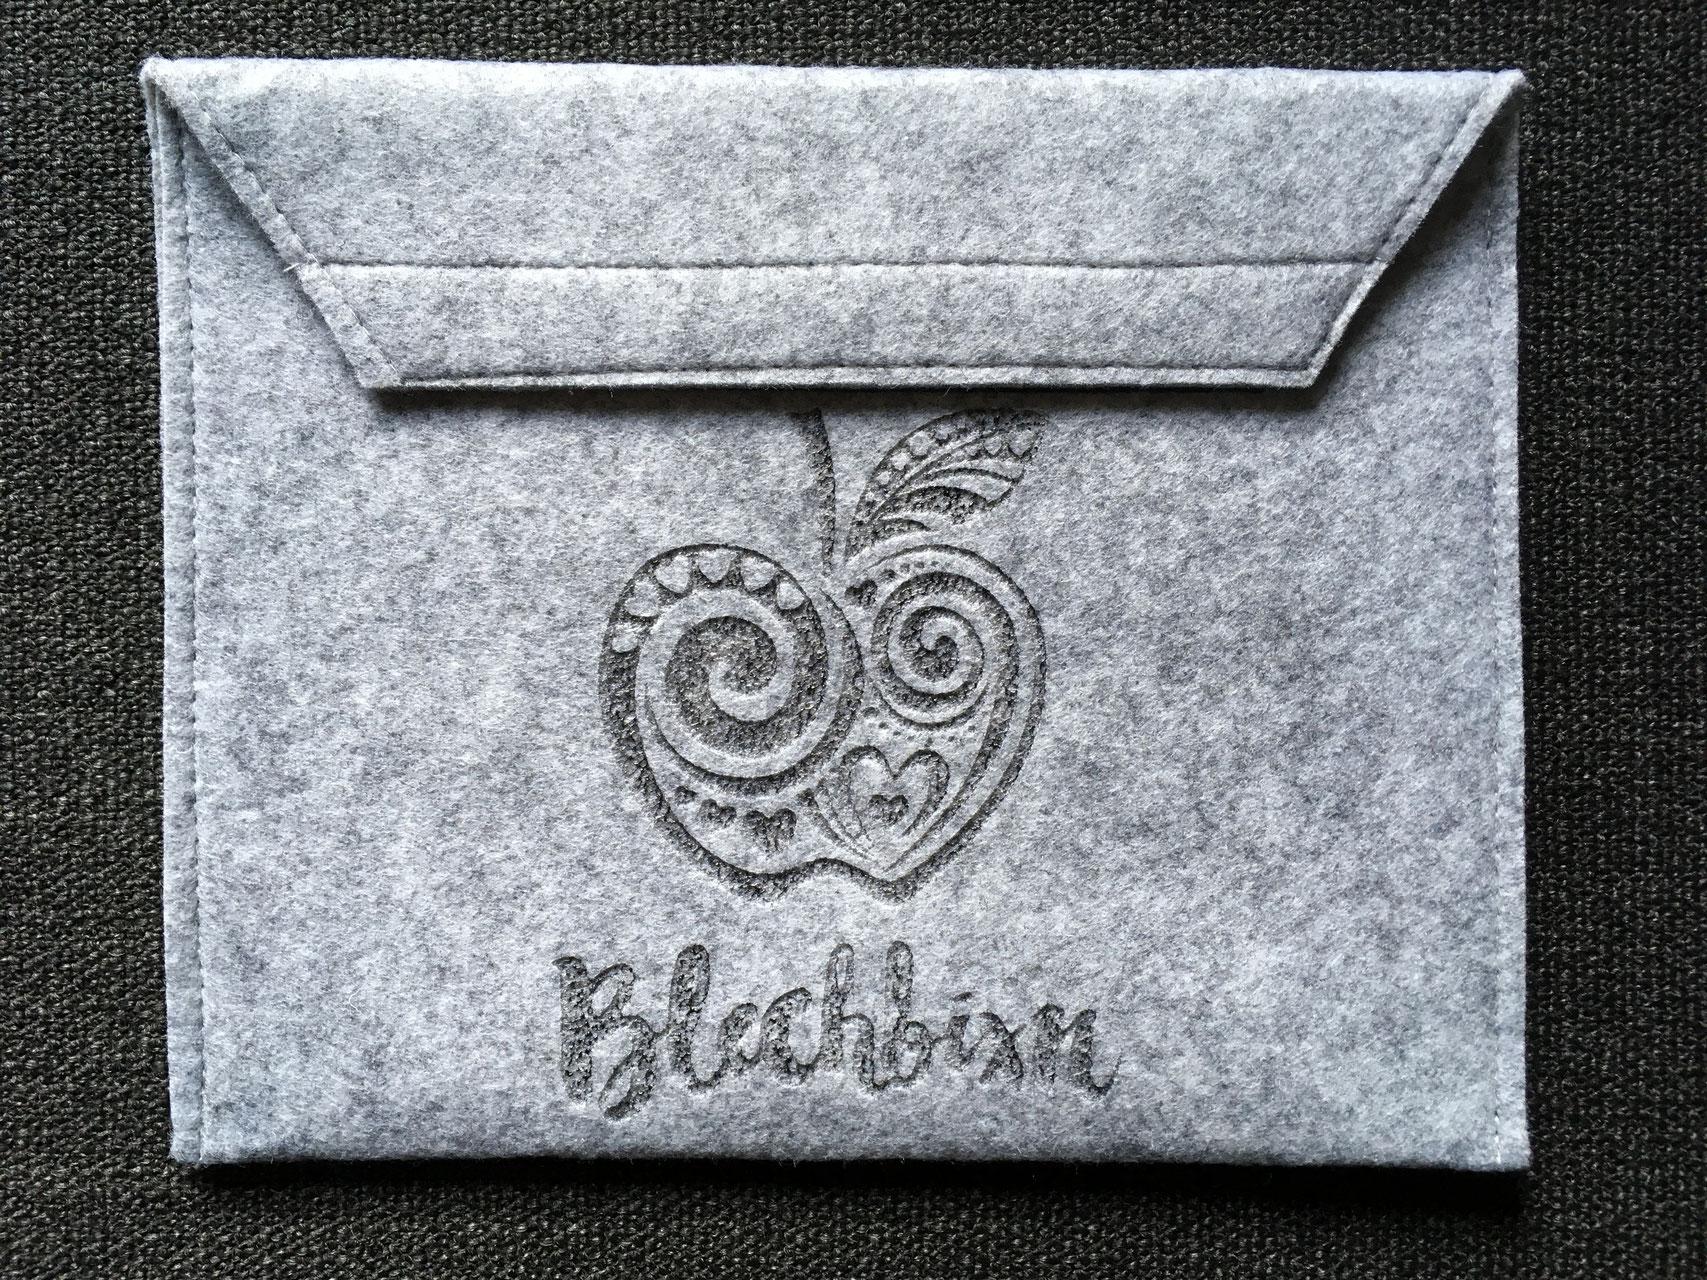 Blechbixn - 1480418874s Webseite!